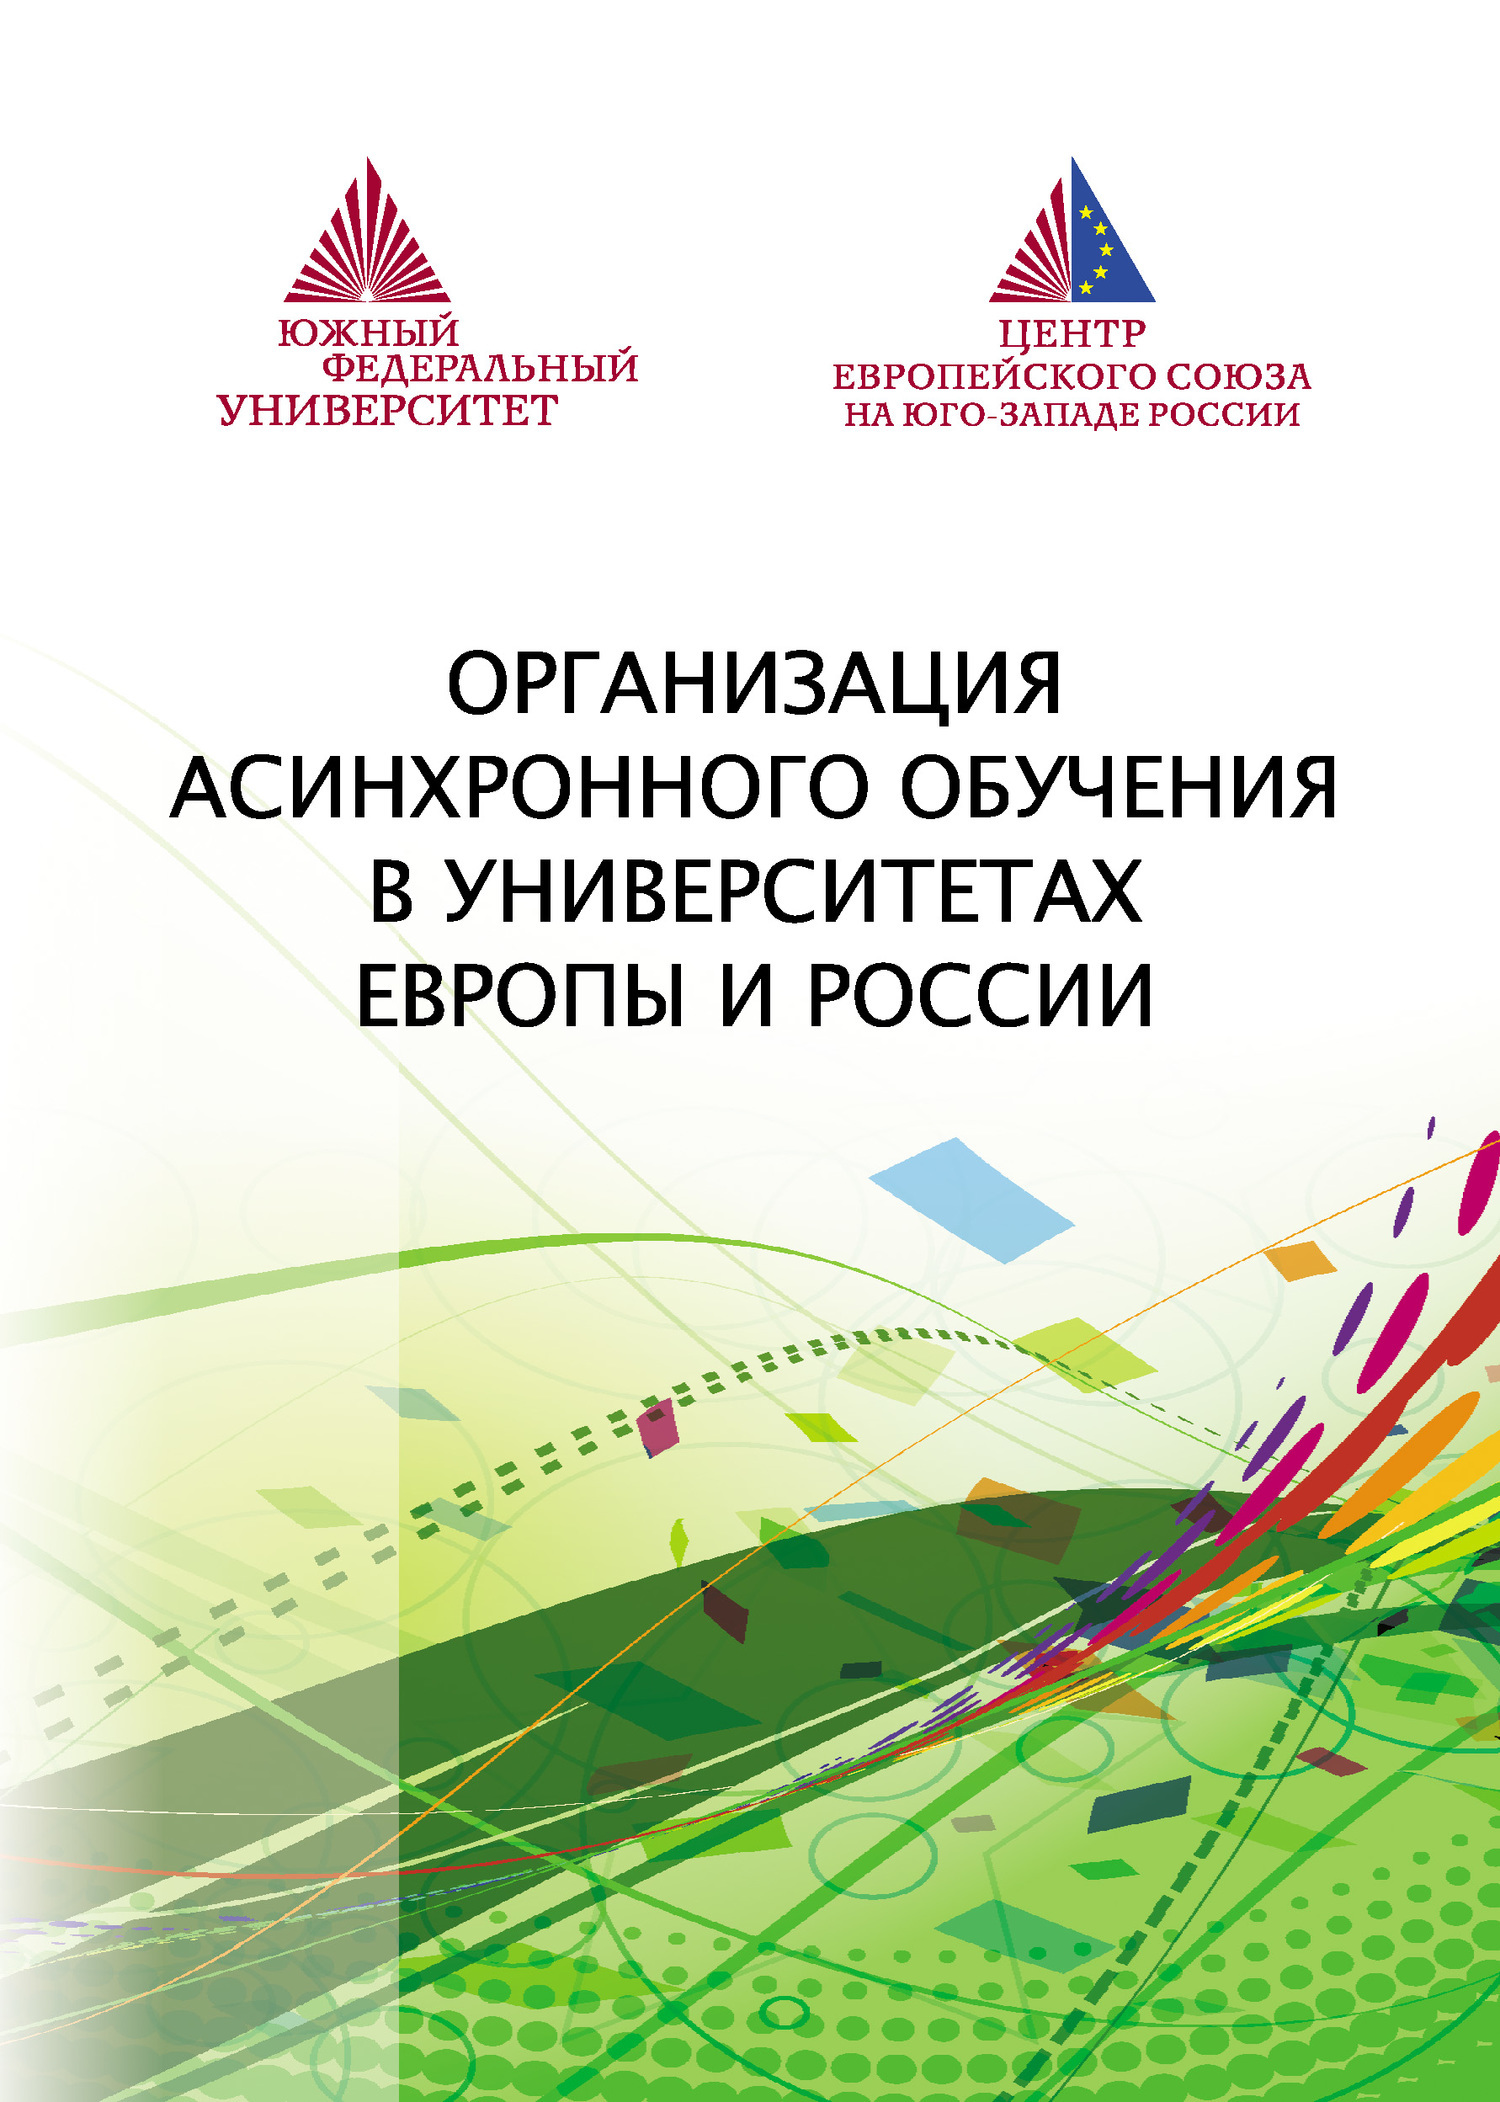 Организация асинхронного обучения в университетах Европы и России